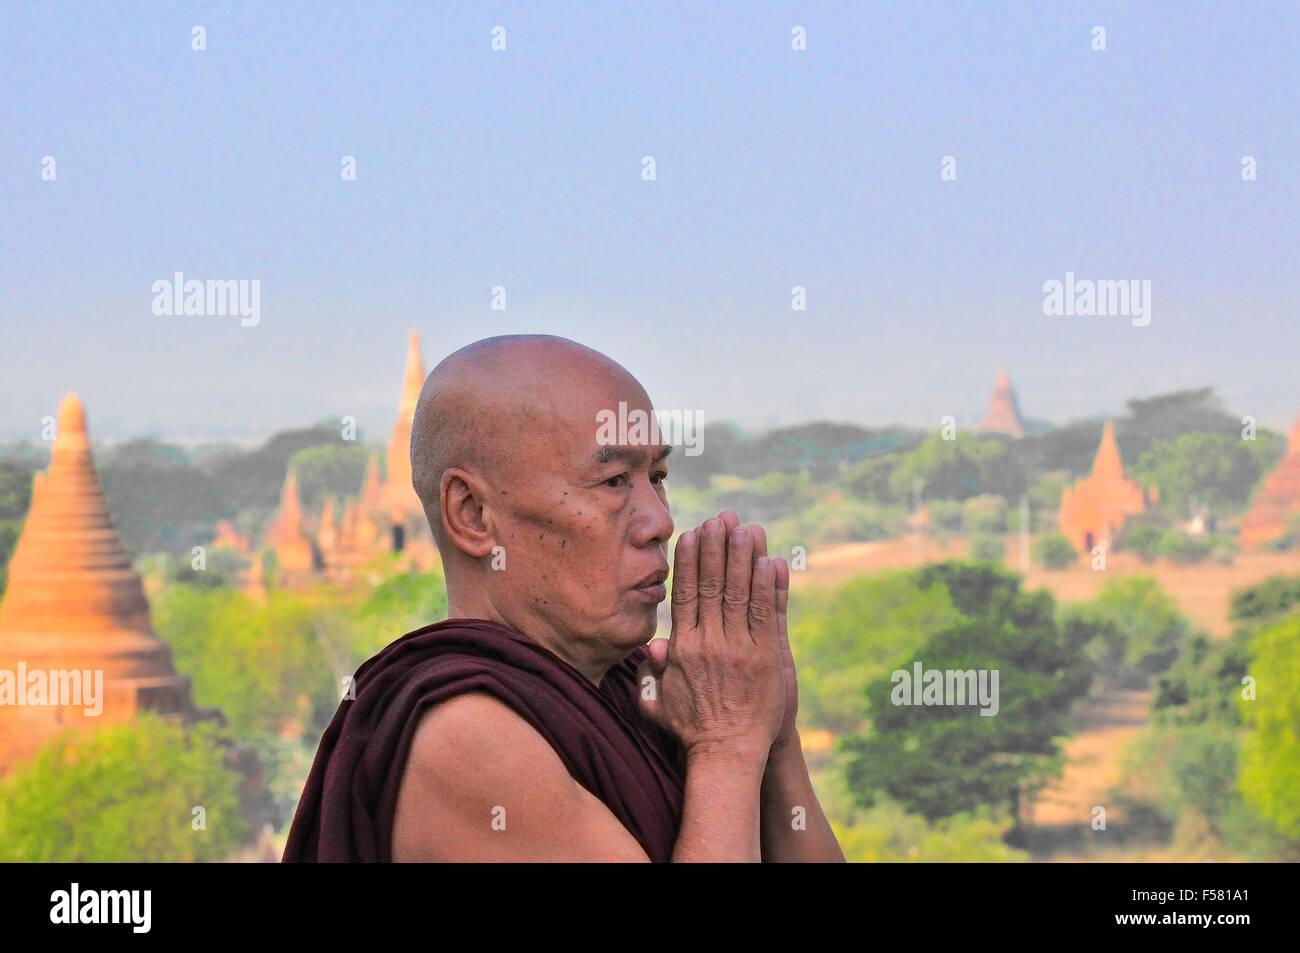 Le moine bouddhiste priant sur le haut de la Pagode Shwesandaw à Bagan, Birmanie (Myanmar) Photo Stock